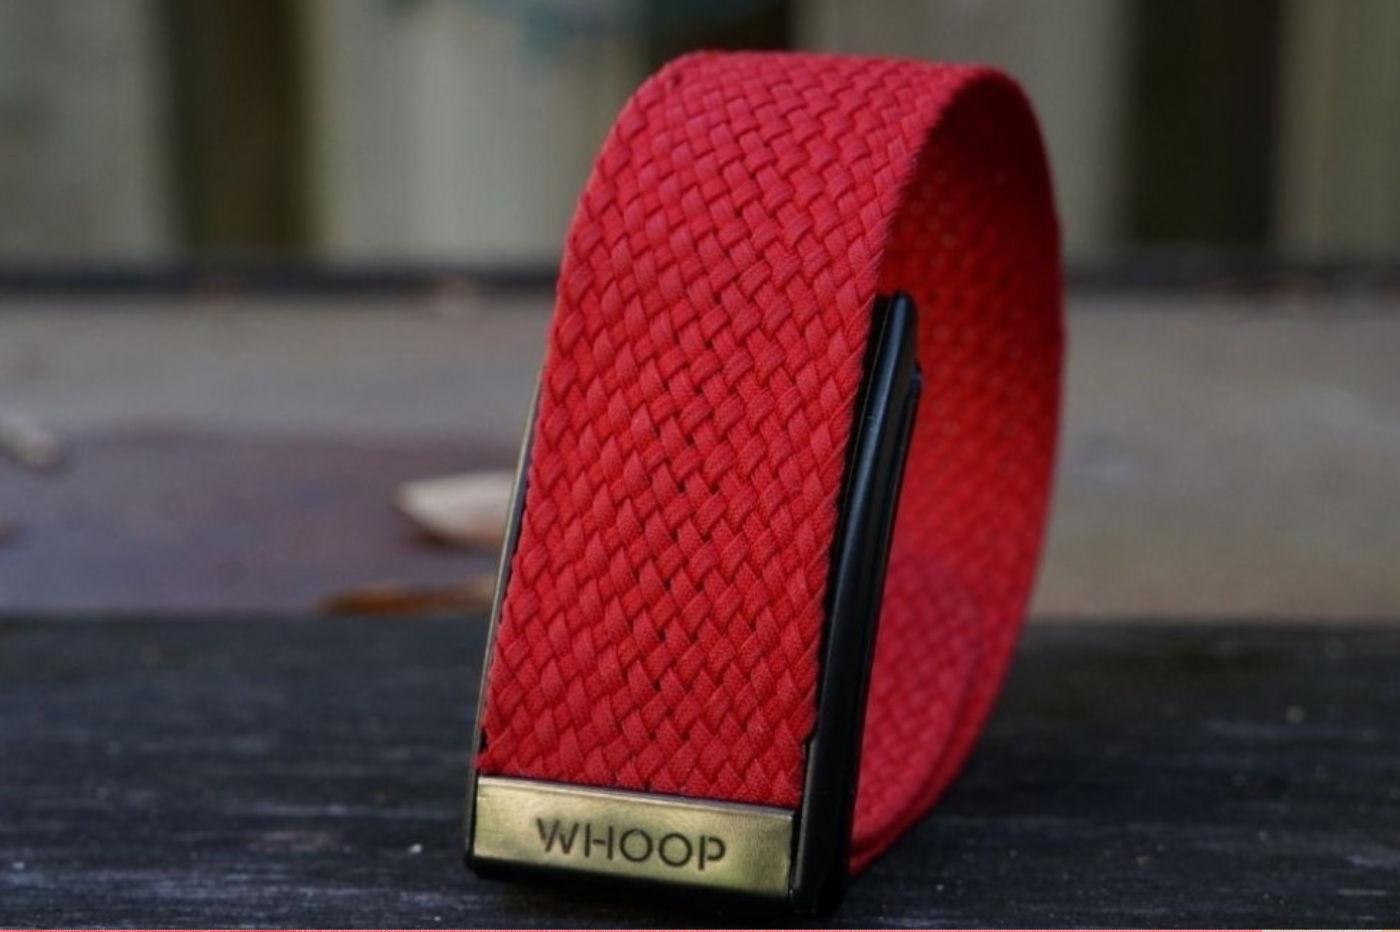 Whoop bracelet